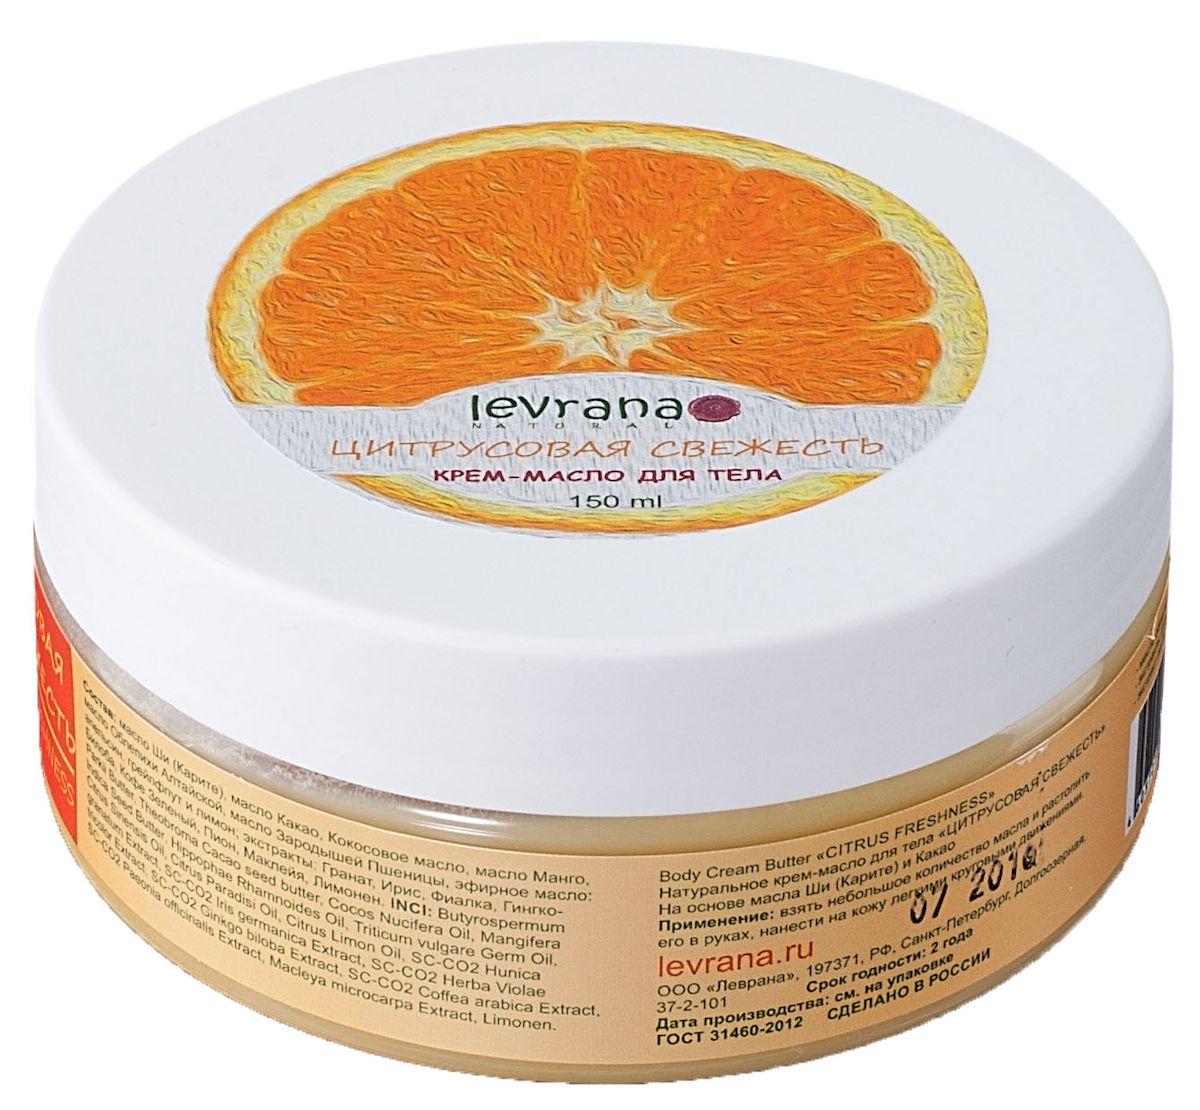 Levrana Крем-масло Цитрусовая свежесть, 150 млBCB03Используйте крем-масло для всего тела сразу после банных процедур, оно приятно смягчает и увлажняет кожу, а также насыщает ее витаминами.